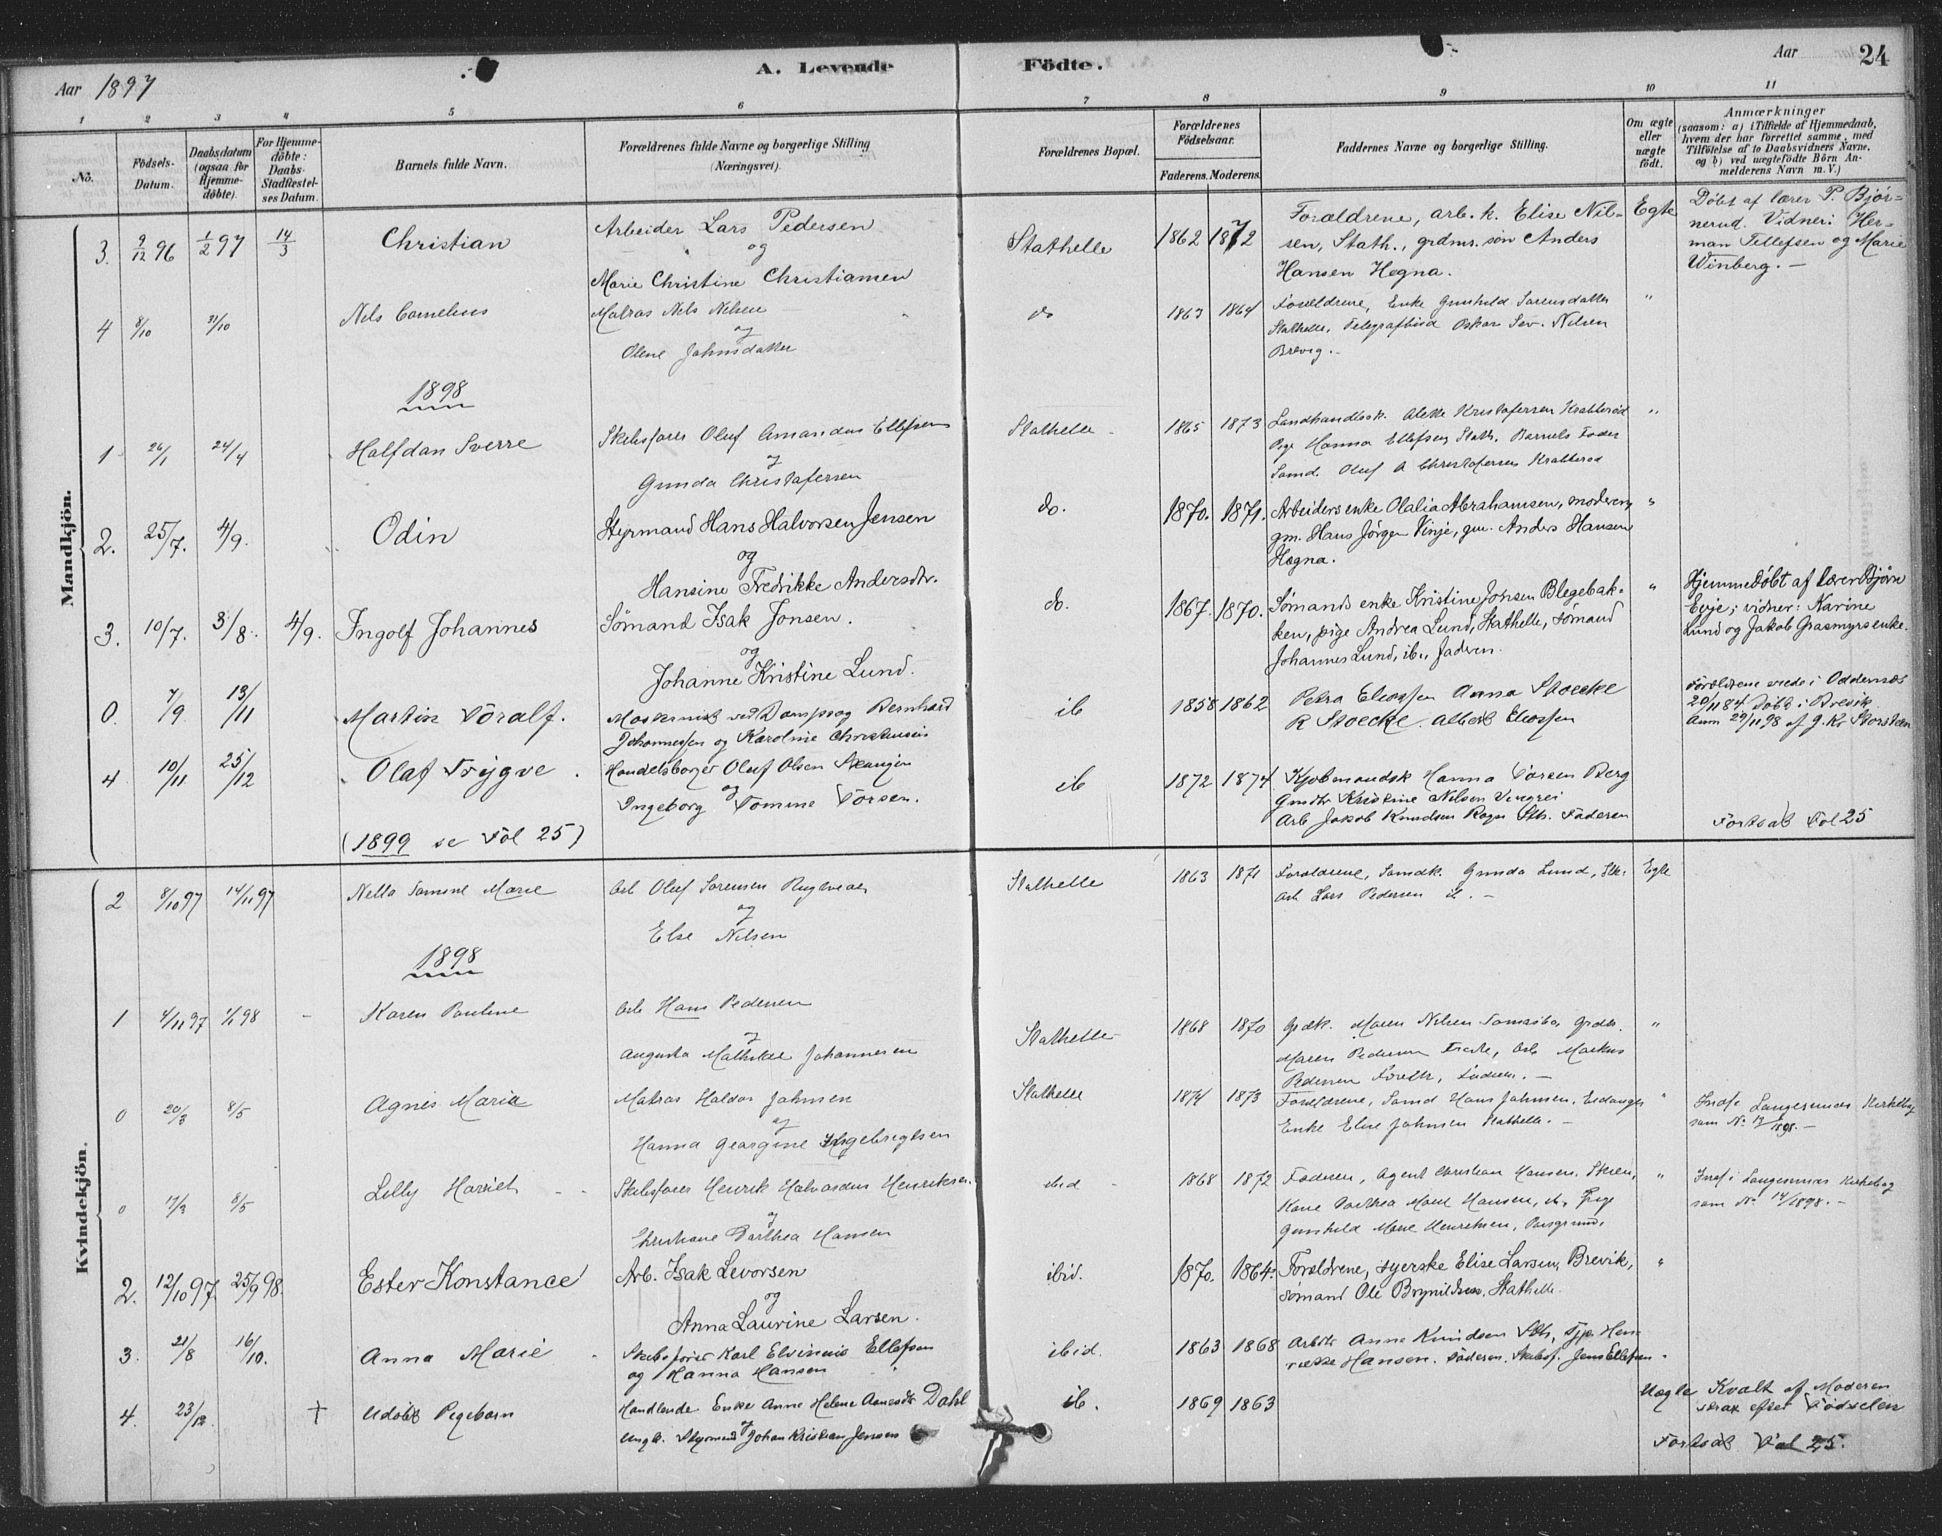 SAKO, Bamble kirkebøker, F/Fb/L0001: Ministerialbok nr. II 1, 1878-1899, s. 24